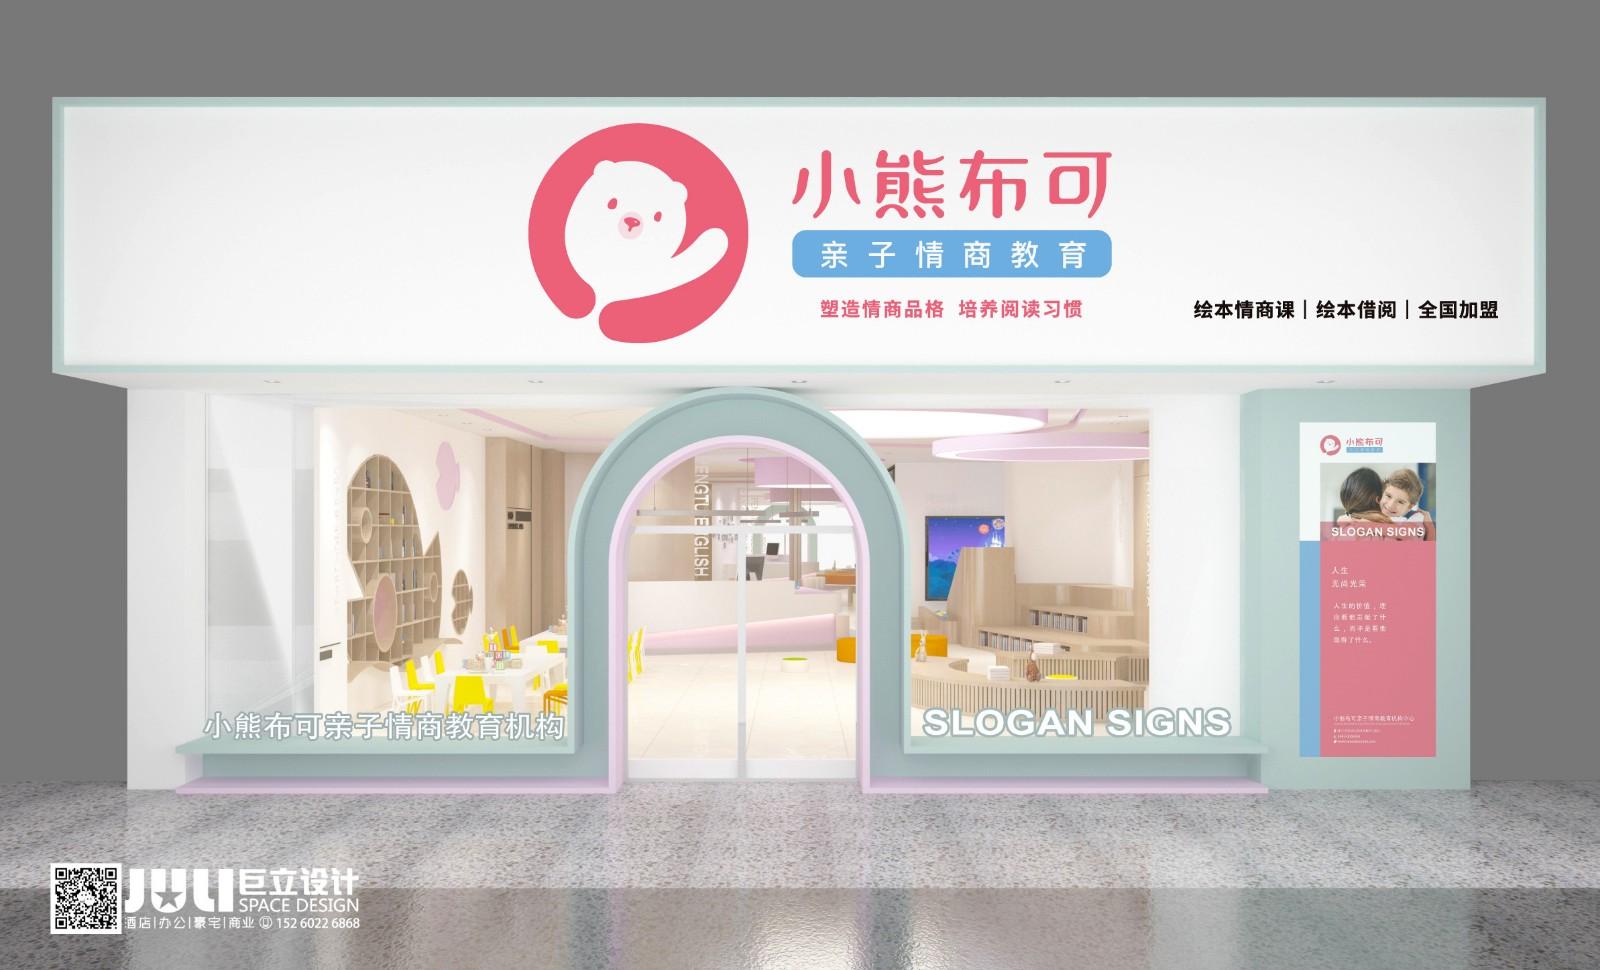 厦门小熊布丁亲子情商教育连锁店设计项目